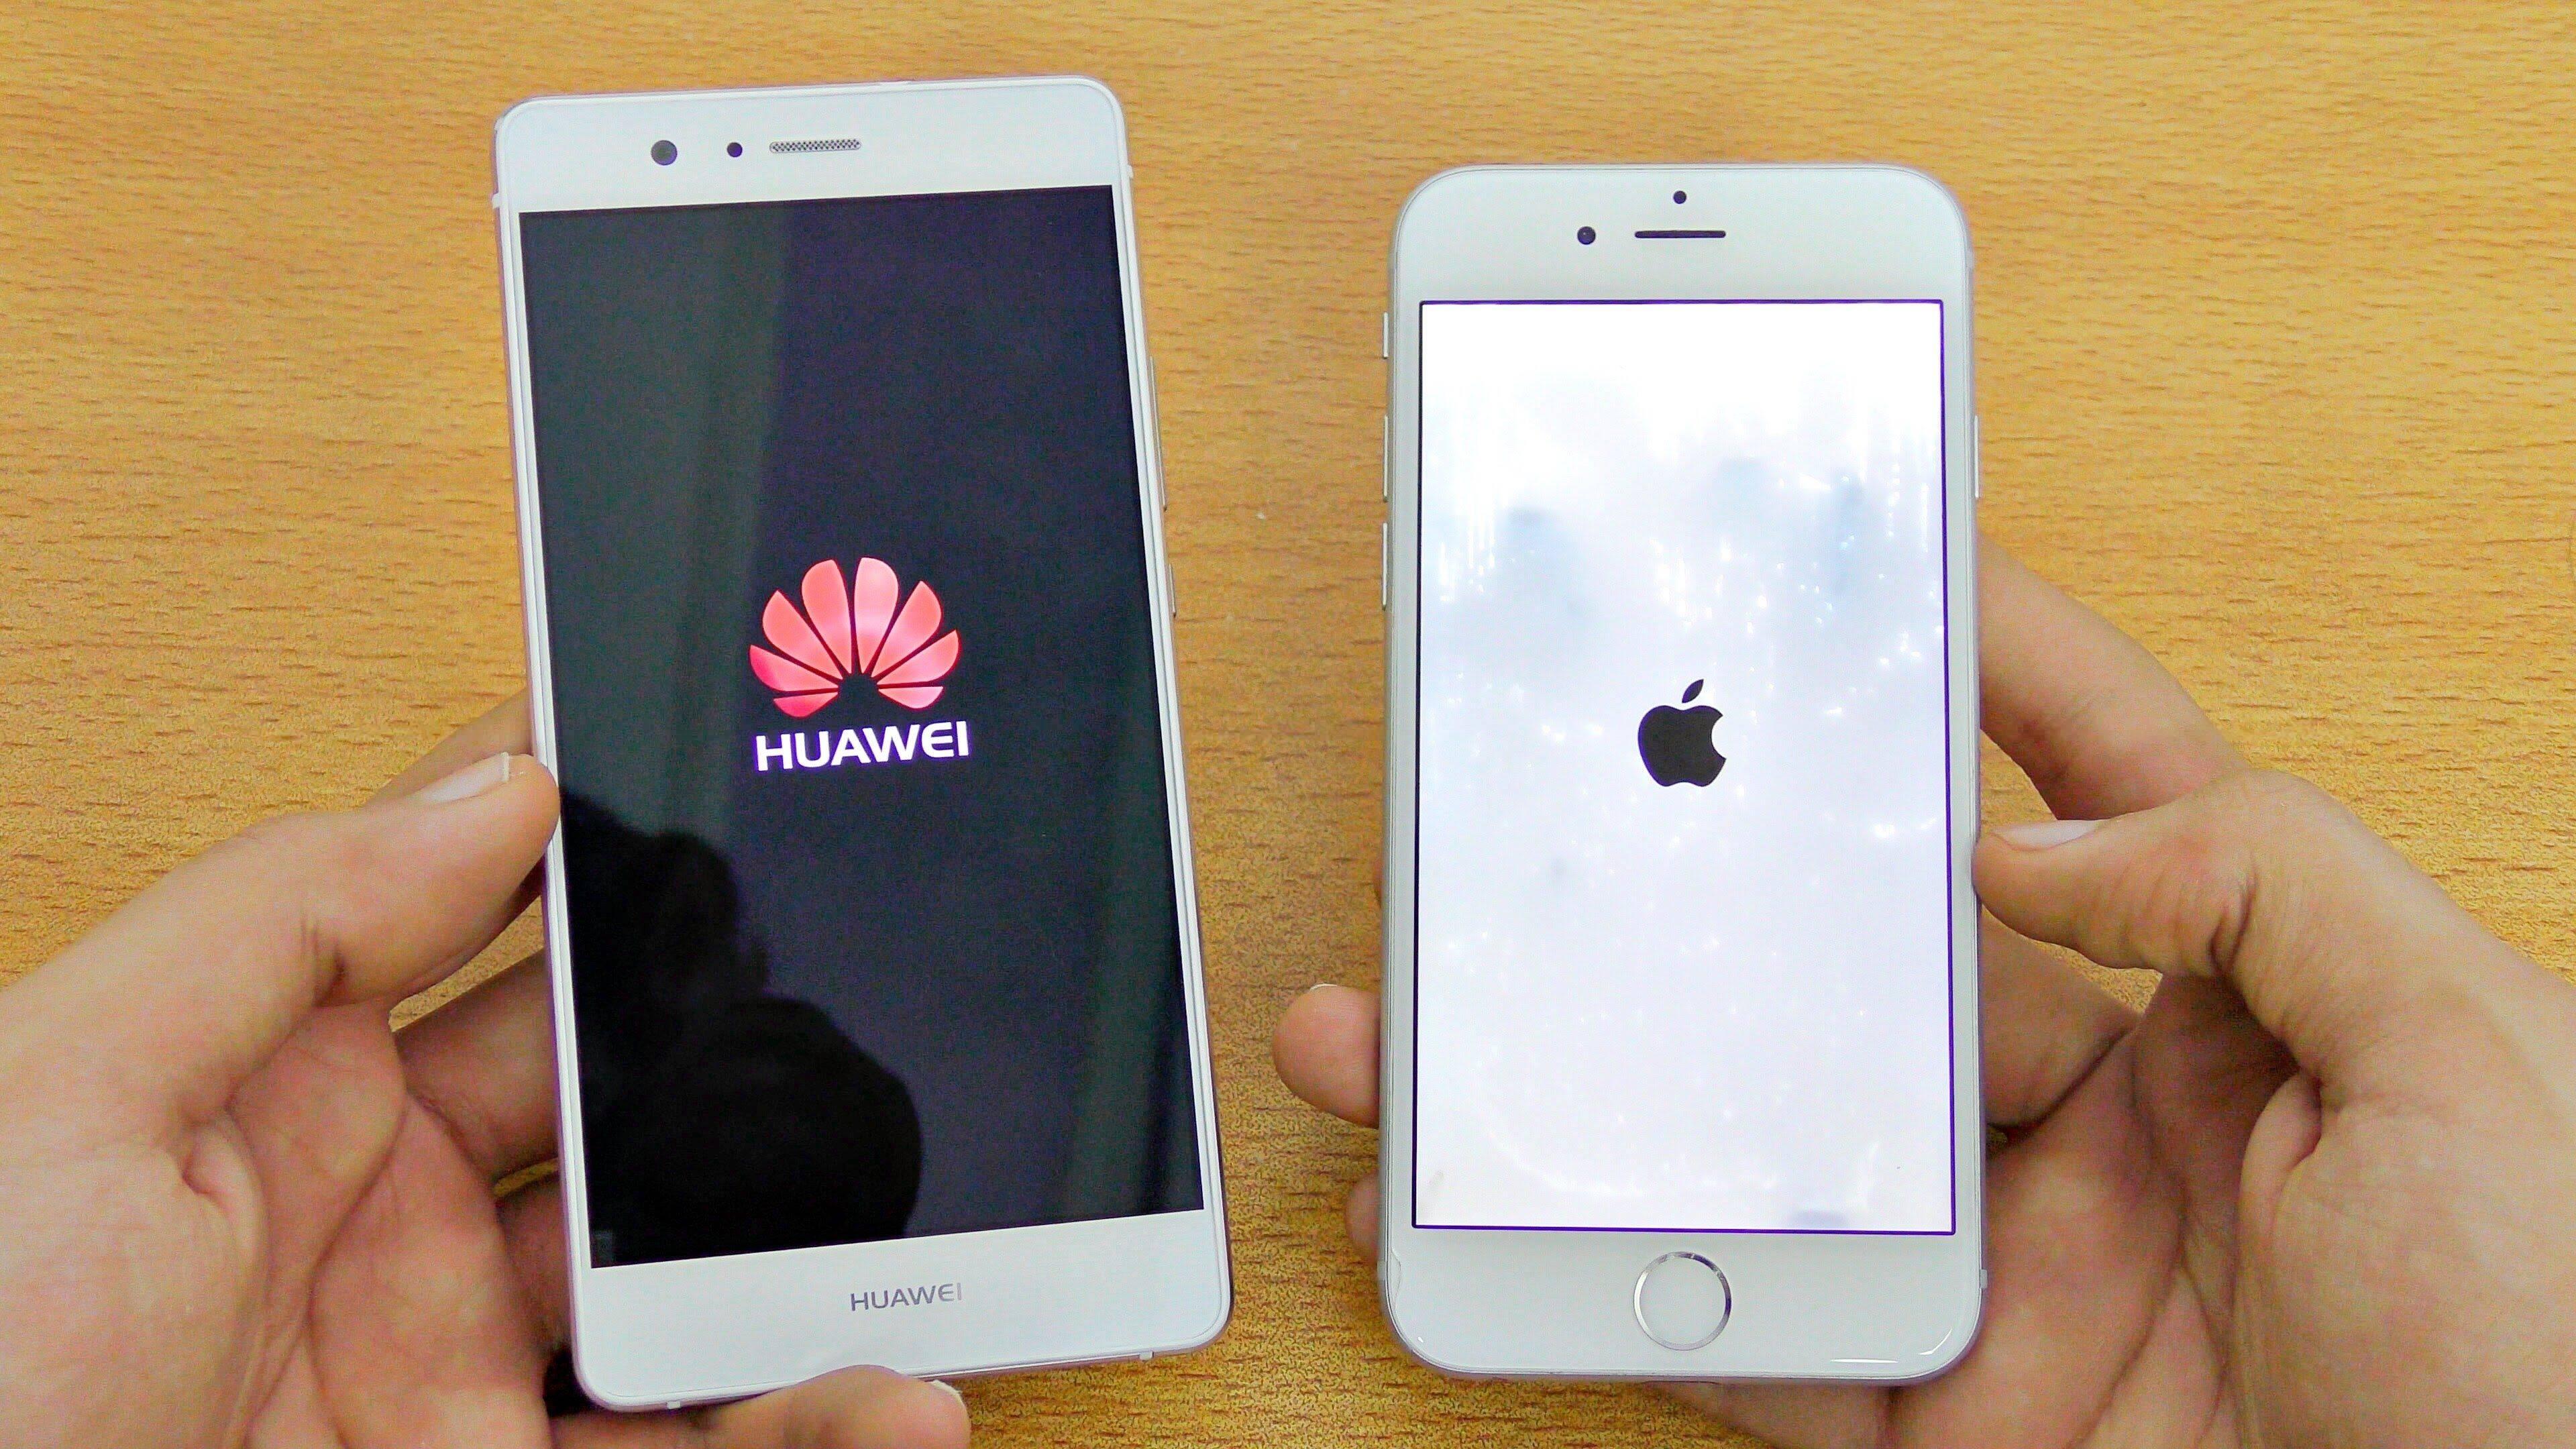 若苹果在华遭禁售 华为将成世界最大智能手机制造商